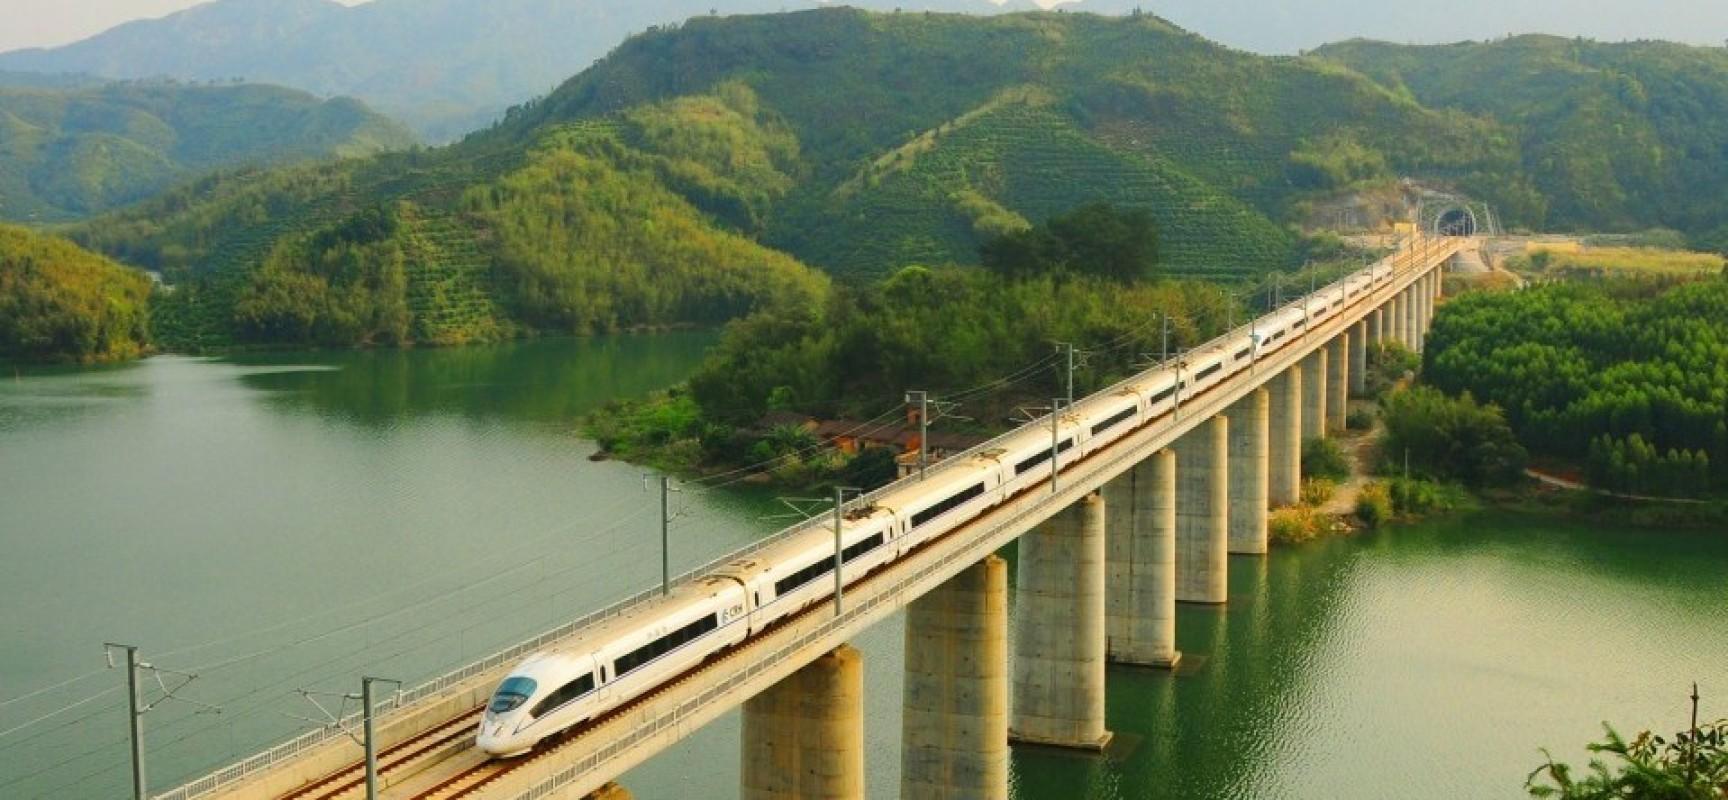 Le TGV Transsibérien reliera l'Europe de l'ouest à la côte du Pacifique en 48 heures